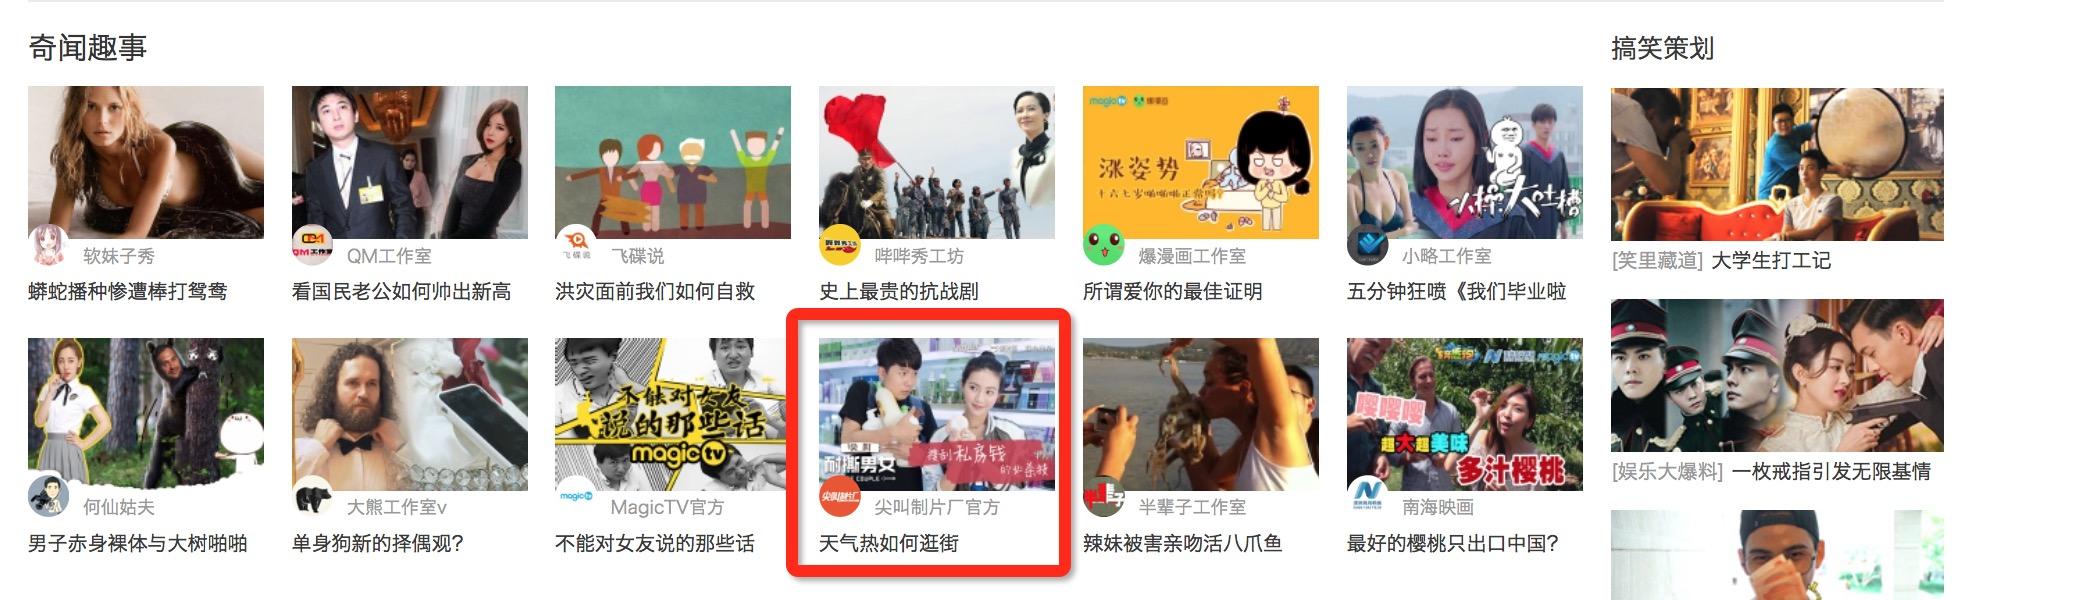 耐撕男女13 搜狐搞笑频道 0706